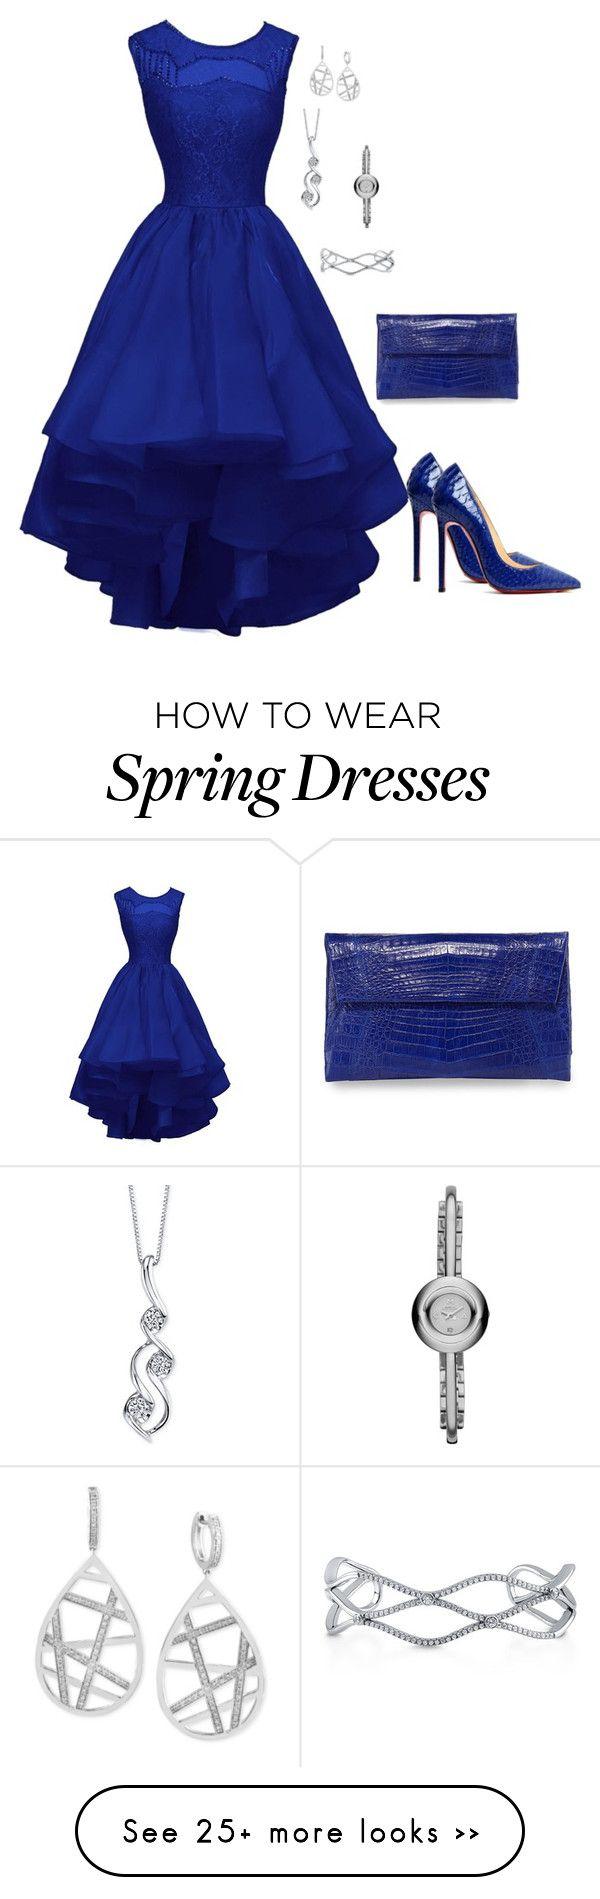 Spring Dress Sets